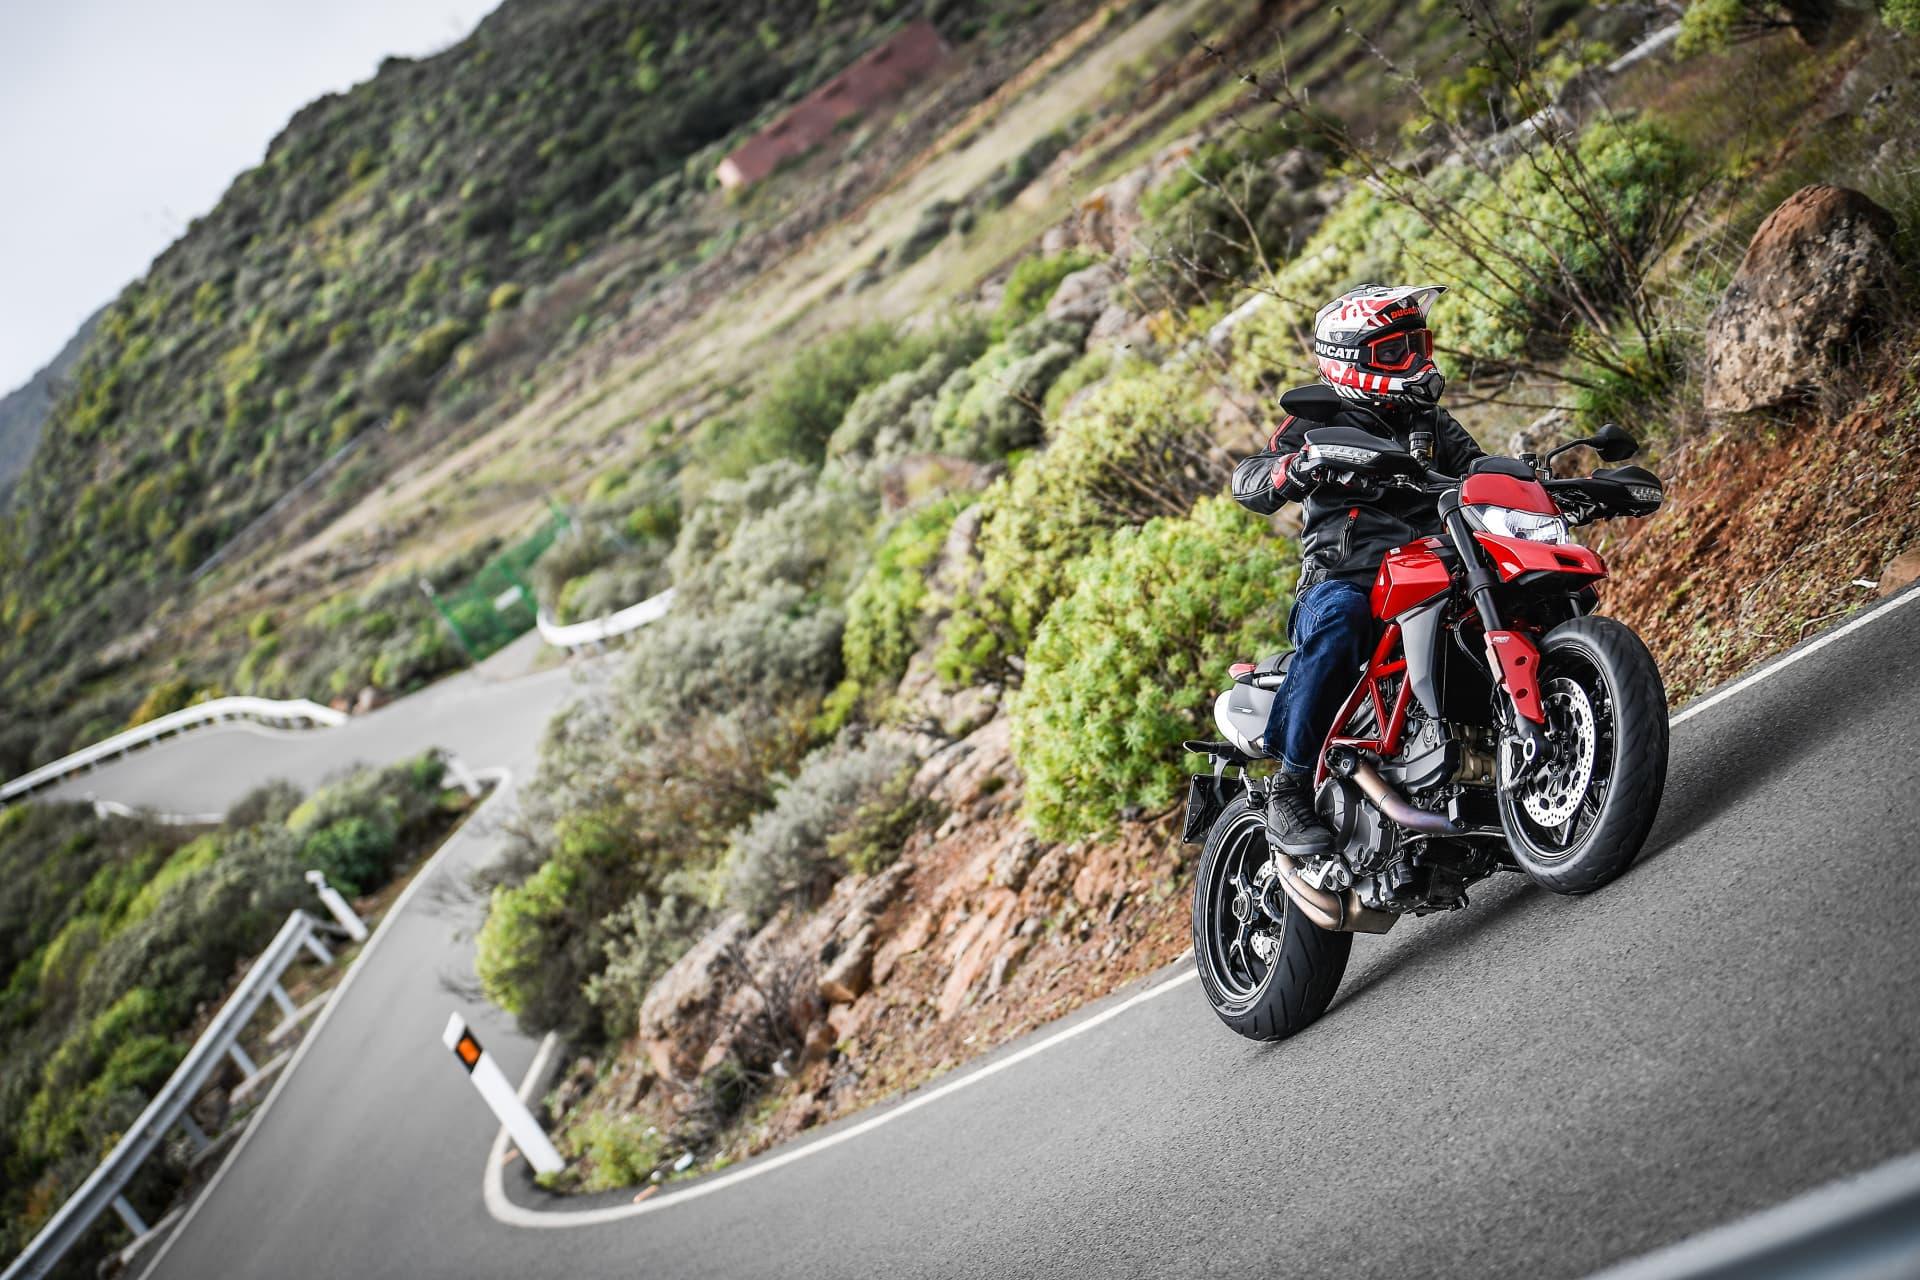 Ducati Hypermotard 950 Action 08 Uc70349 Mid